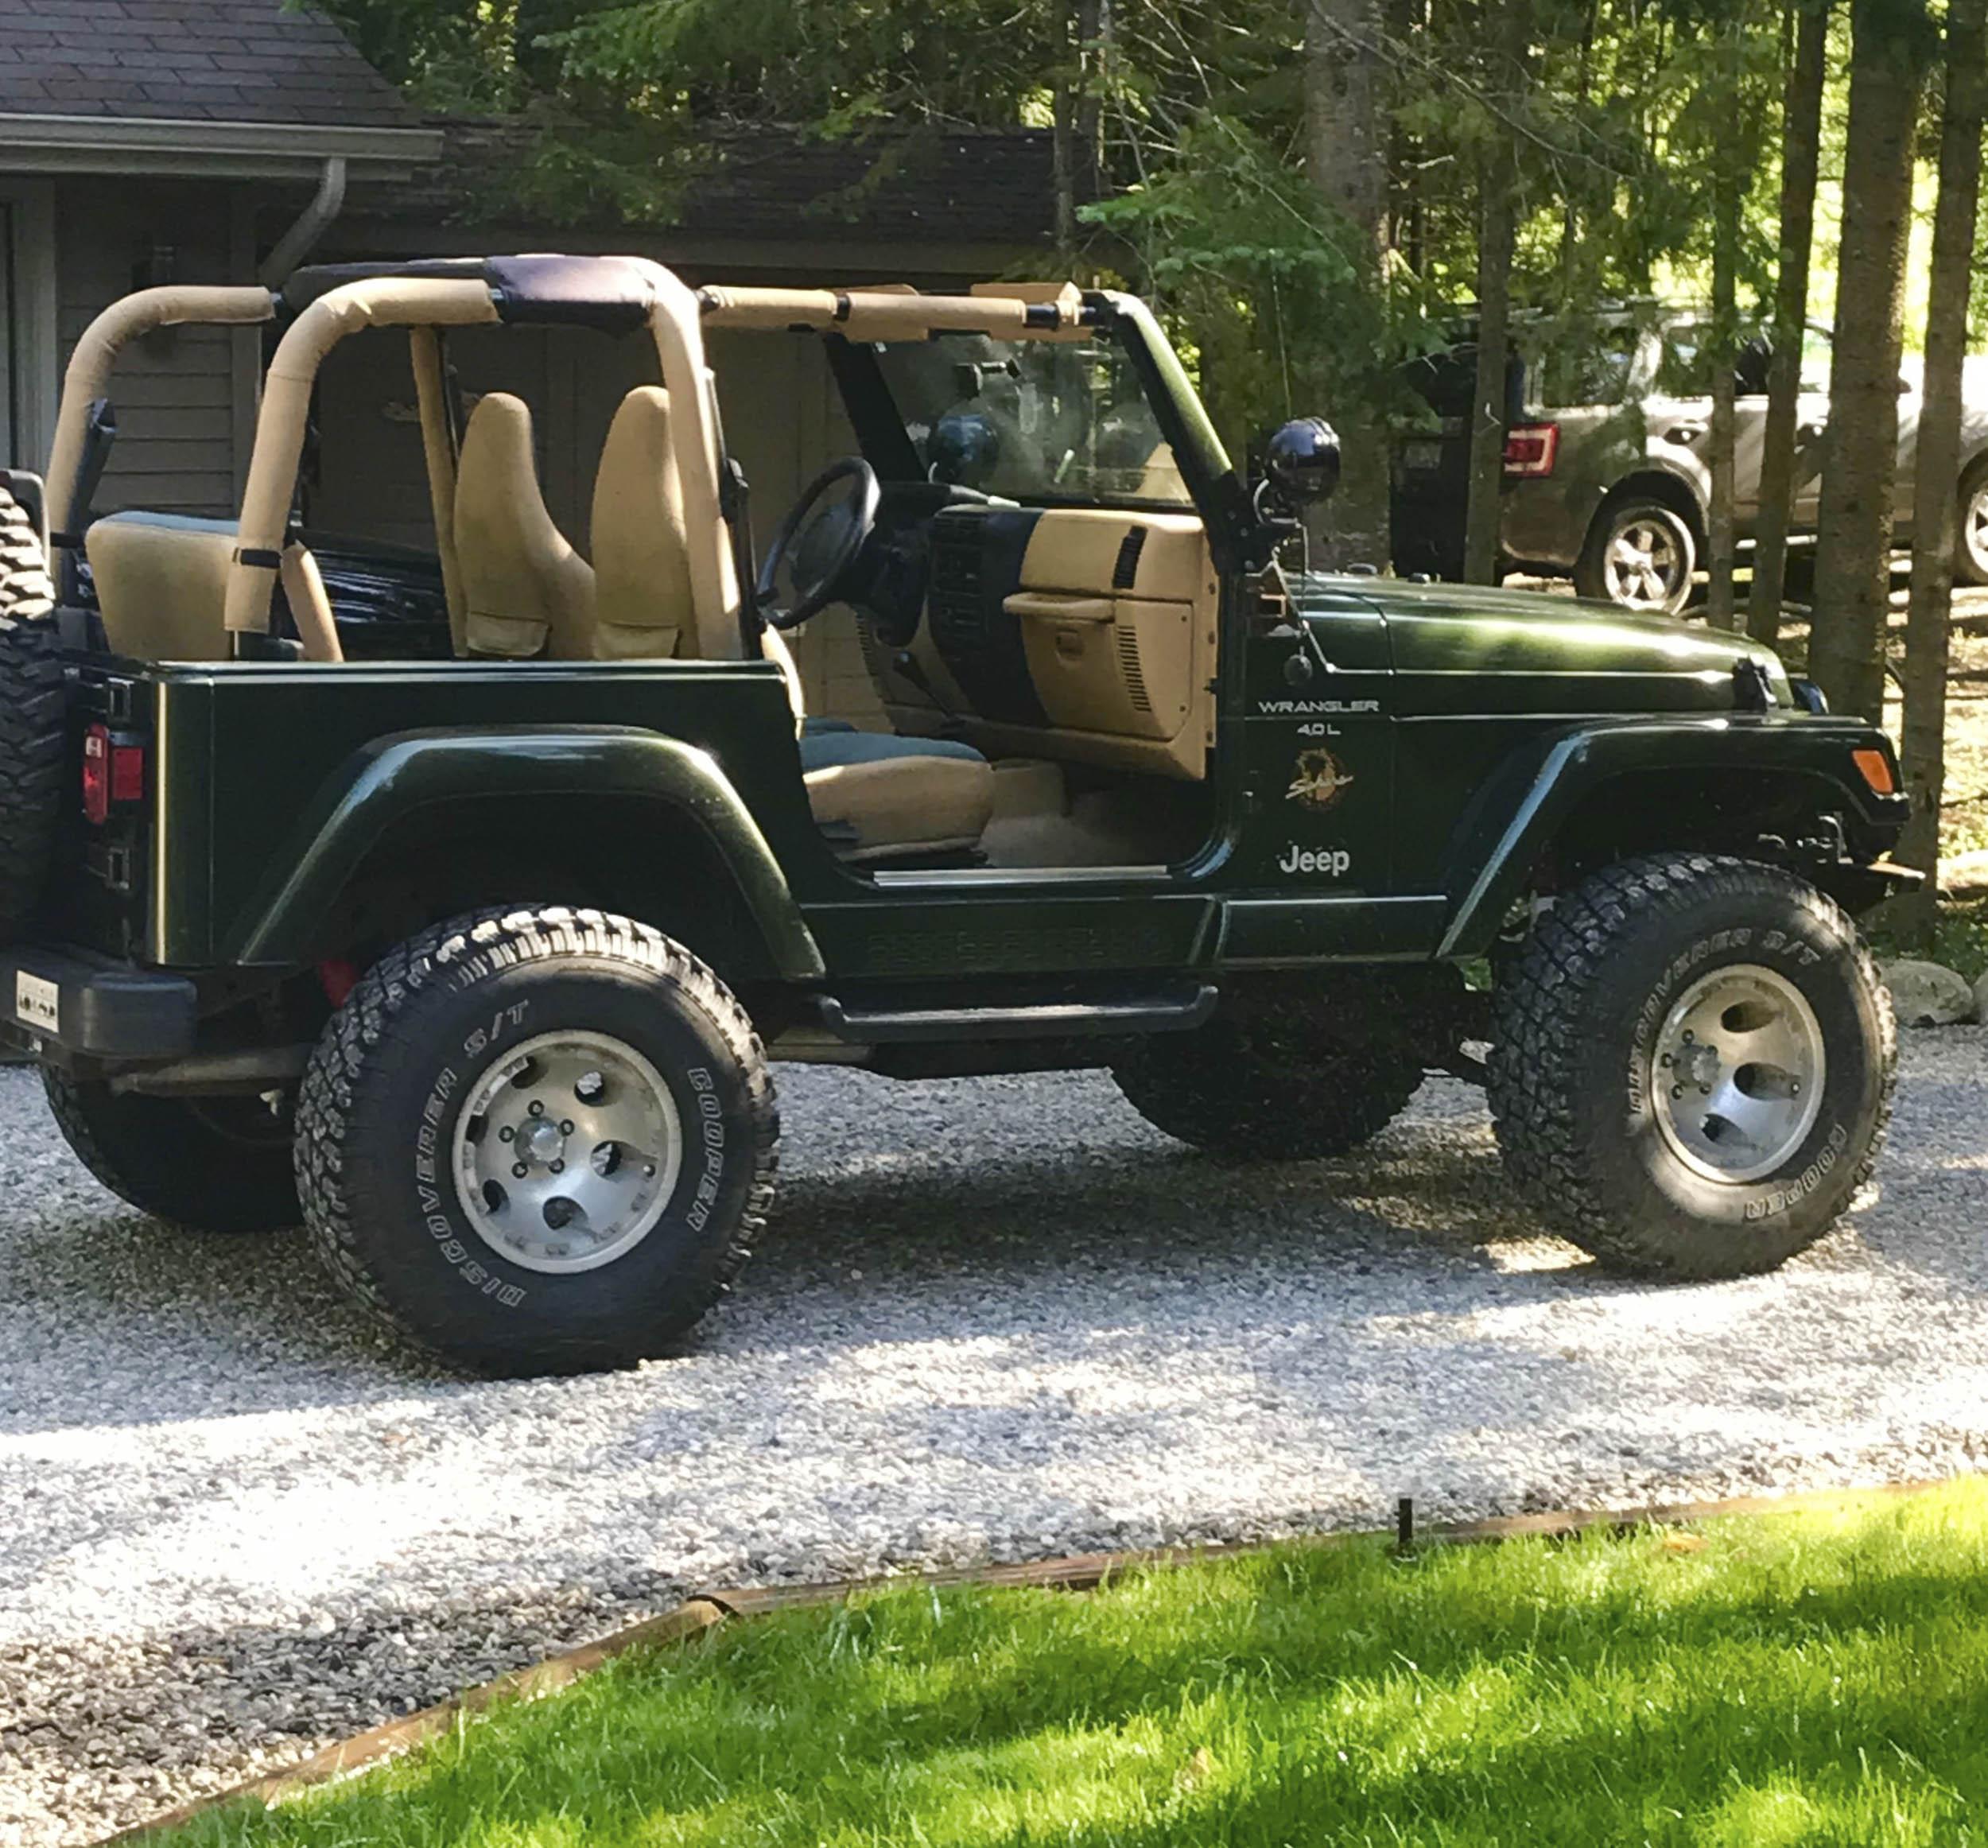 1997 Jeep TJ no doors, no windows, no roof